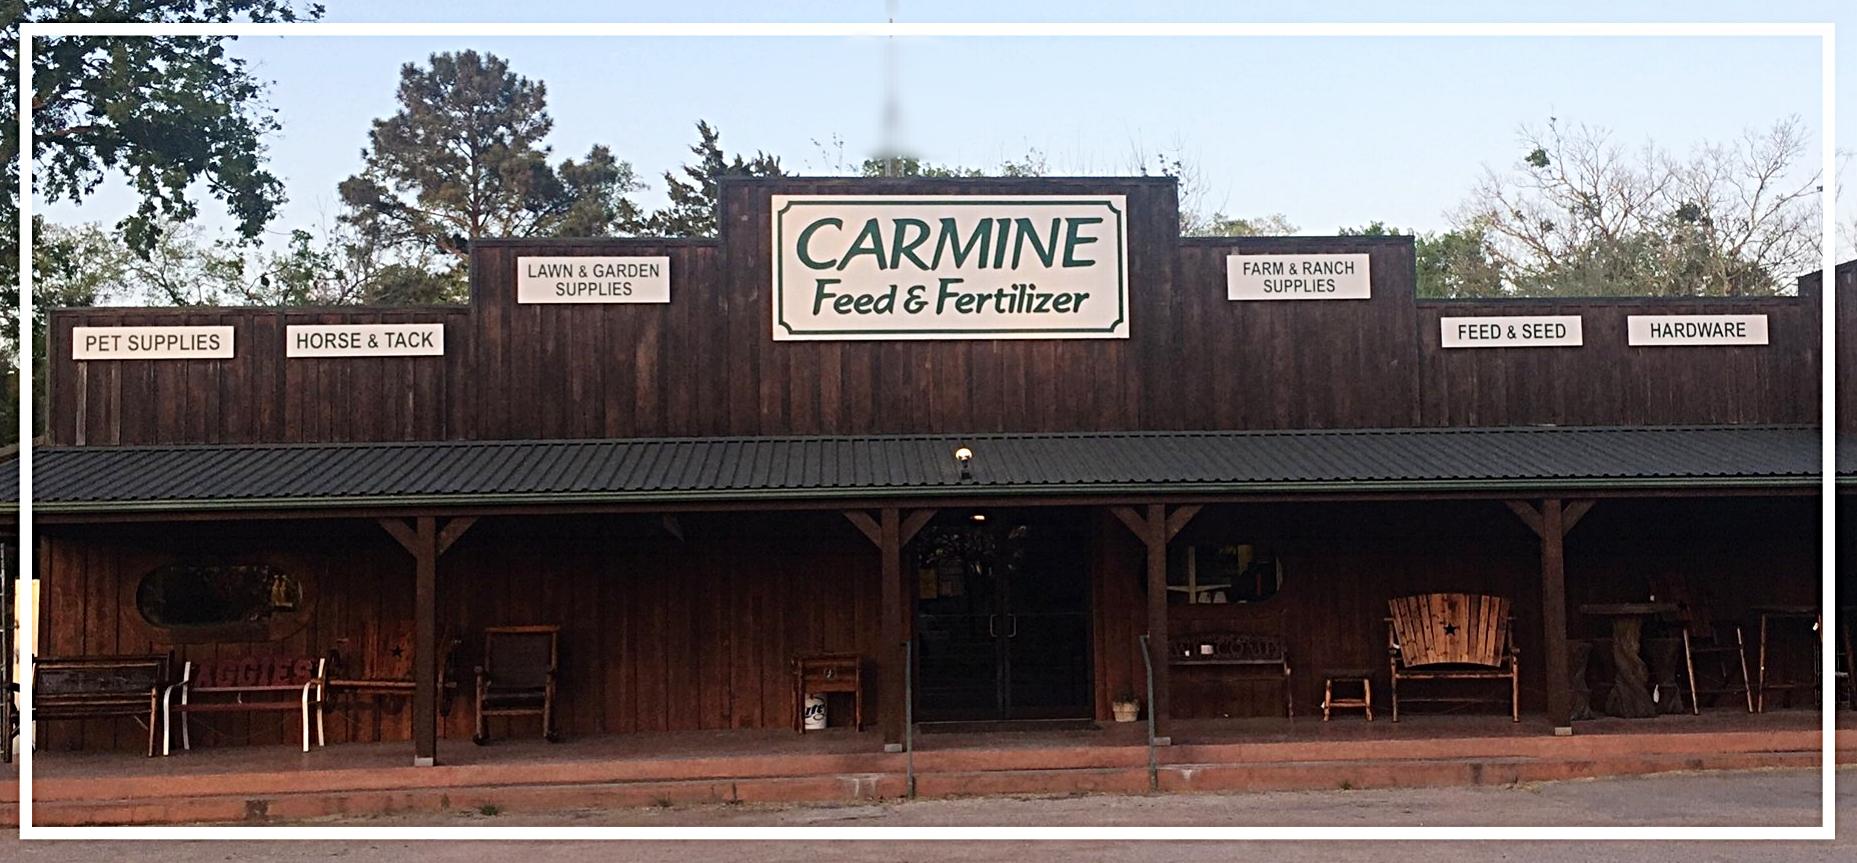 Carmine Feed & Fertilizer